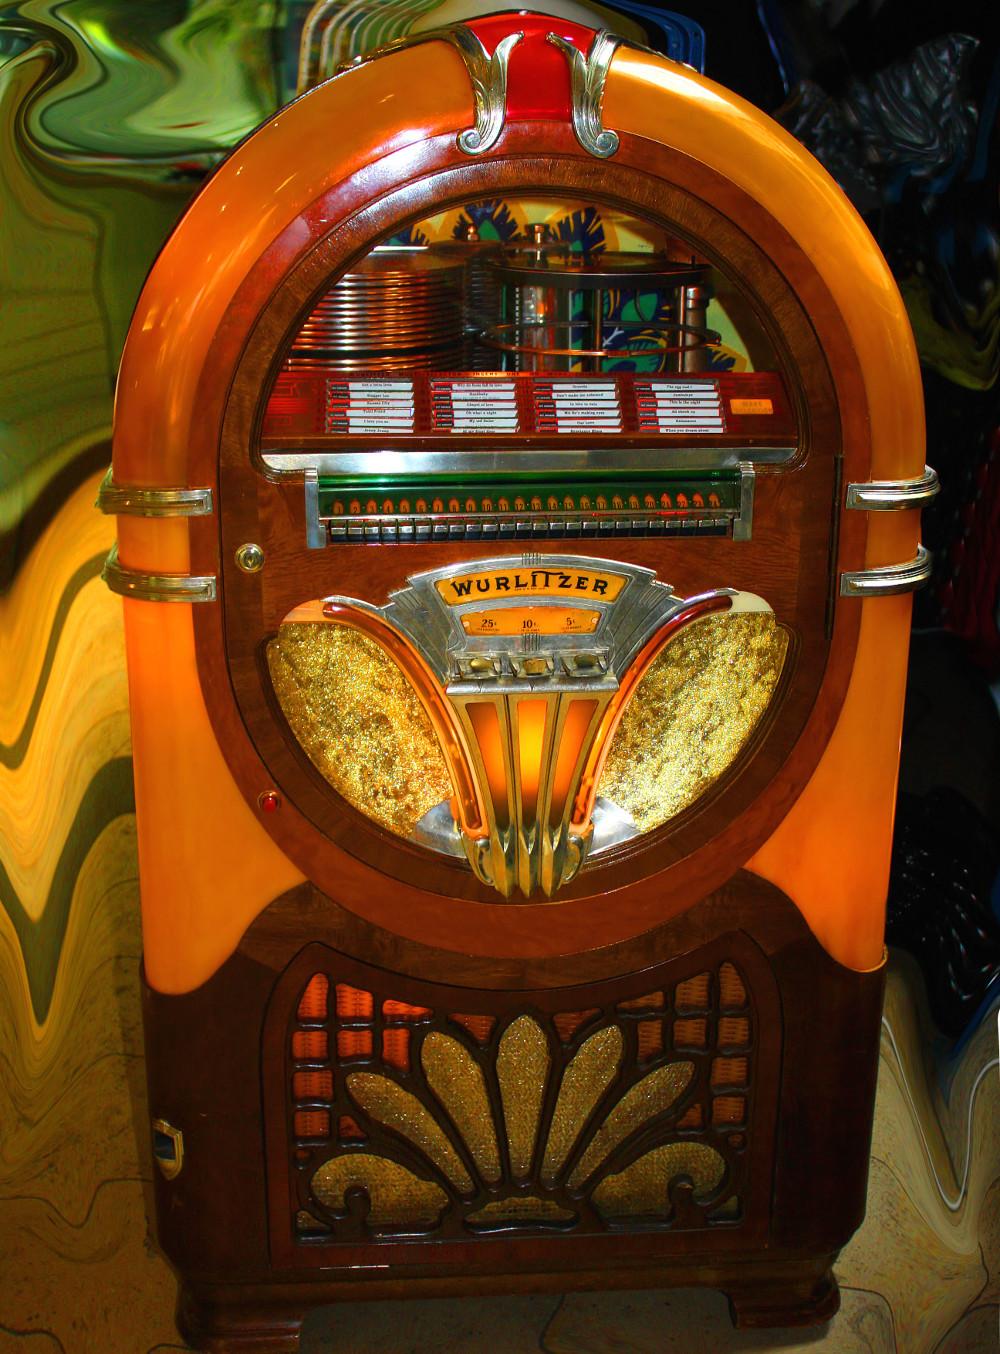 Mehr Flair durch eine Jukebox